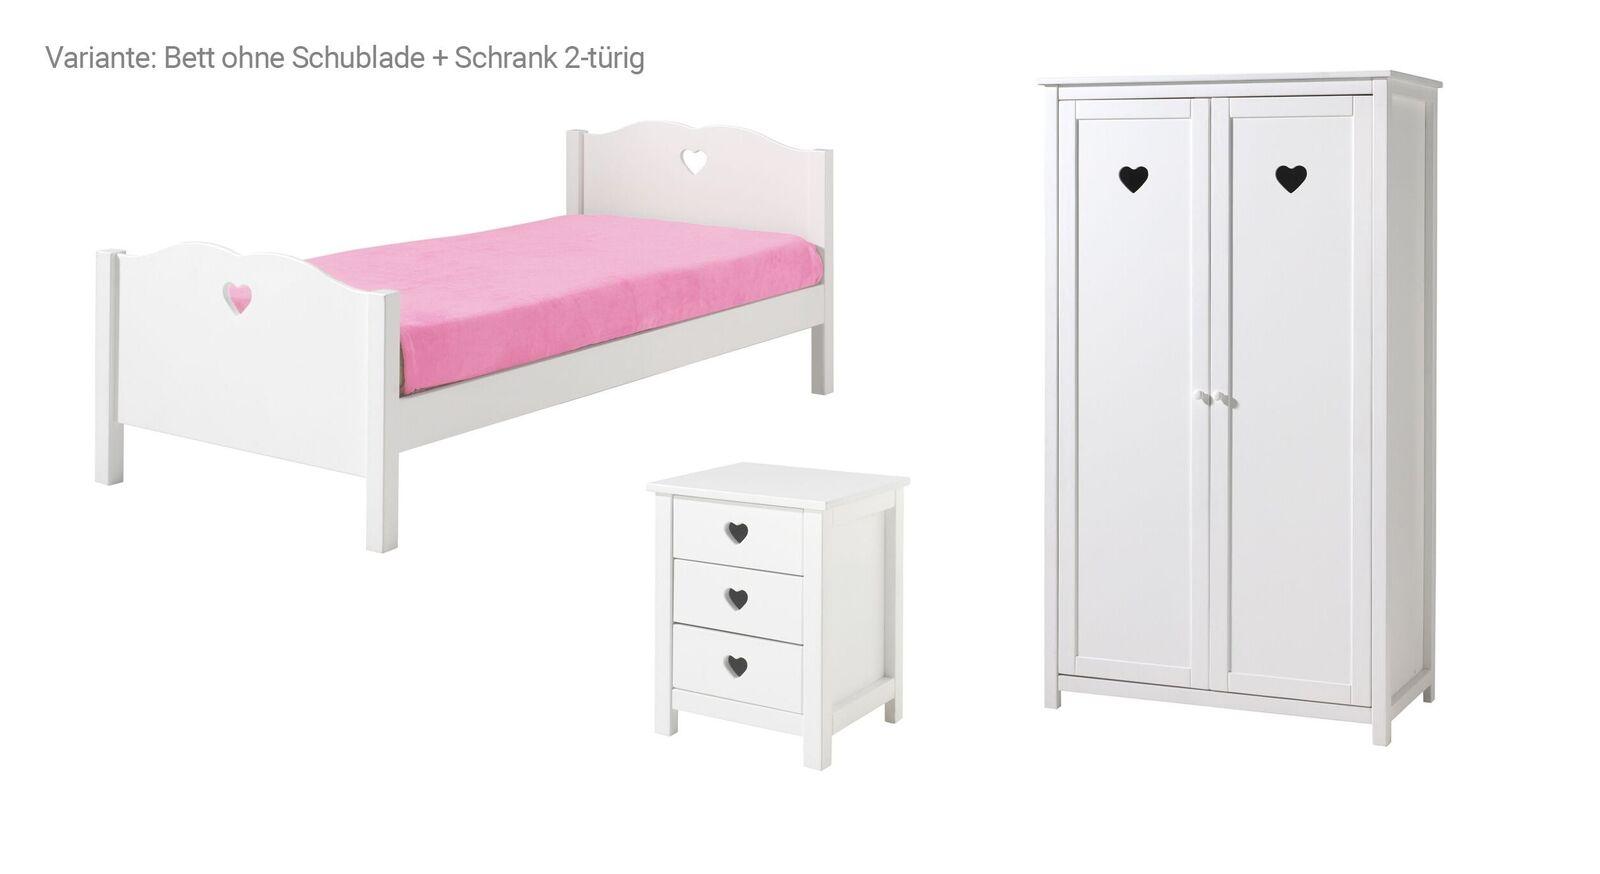 Jugendzimmer Asami Bett ohne Schublade und 2-türigem Schrank